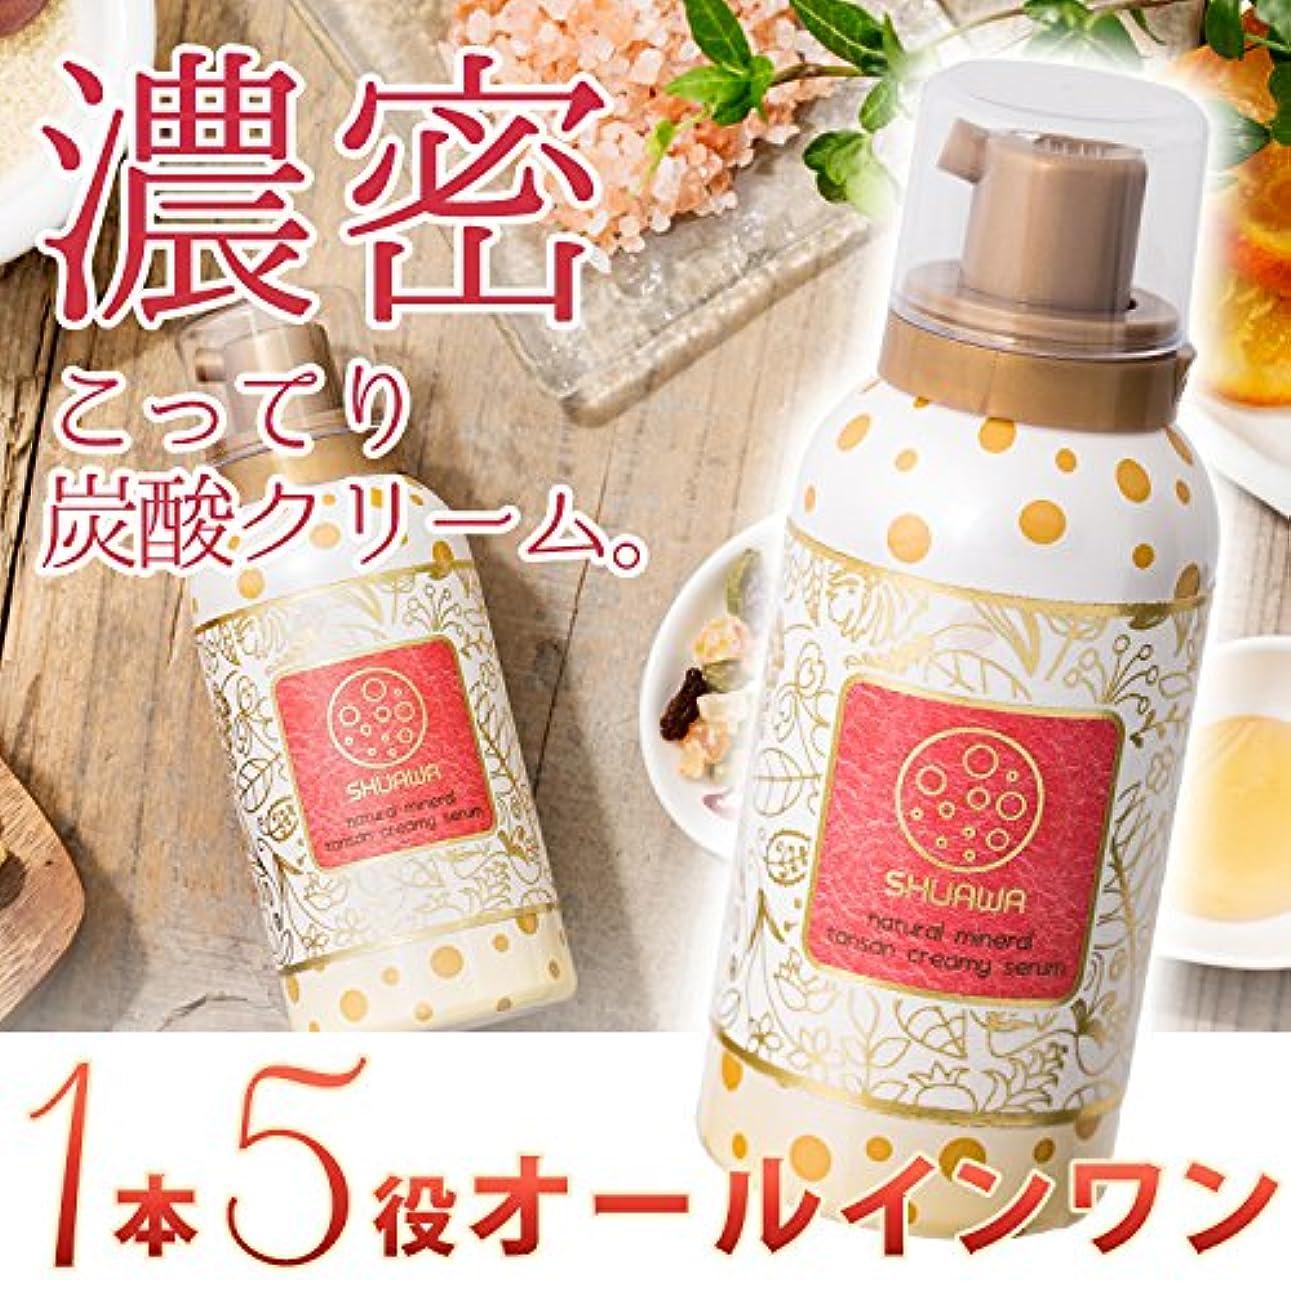 到着水曜日ペインSHUAWA ミネラル炭酸くりーむ美容液 100g